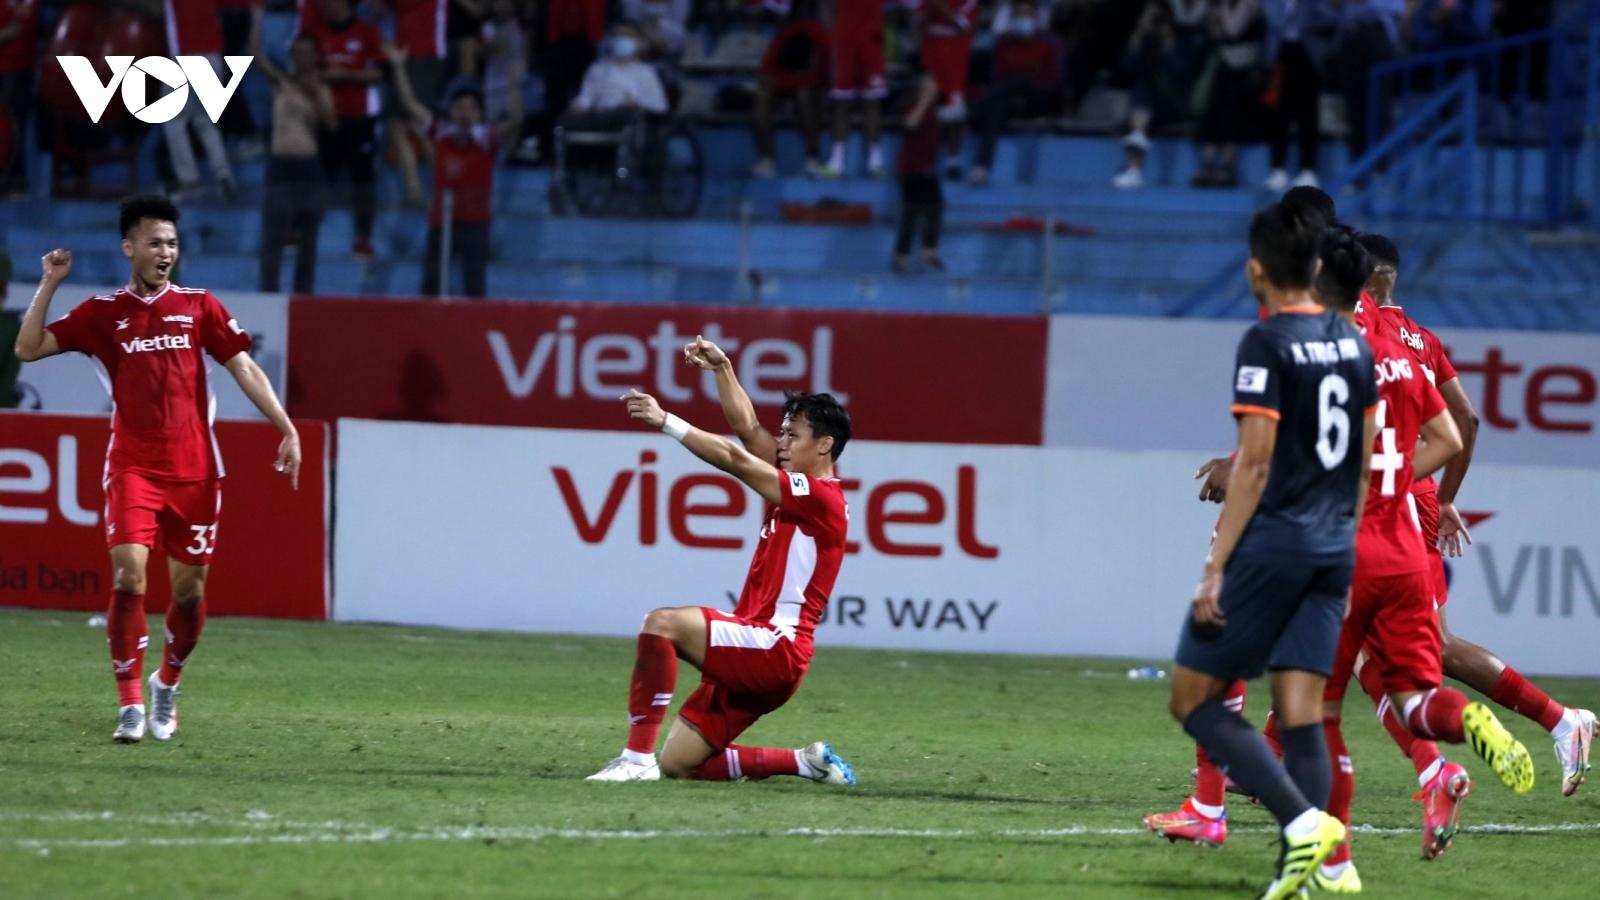 Chùm ảnh: Quế Ngọc Hải ghi bàn đầu tiên, Viettel đã biết thắng ở V-League